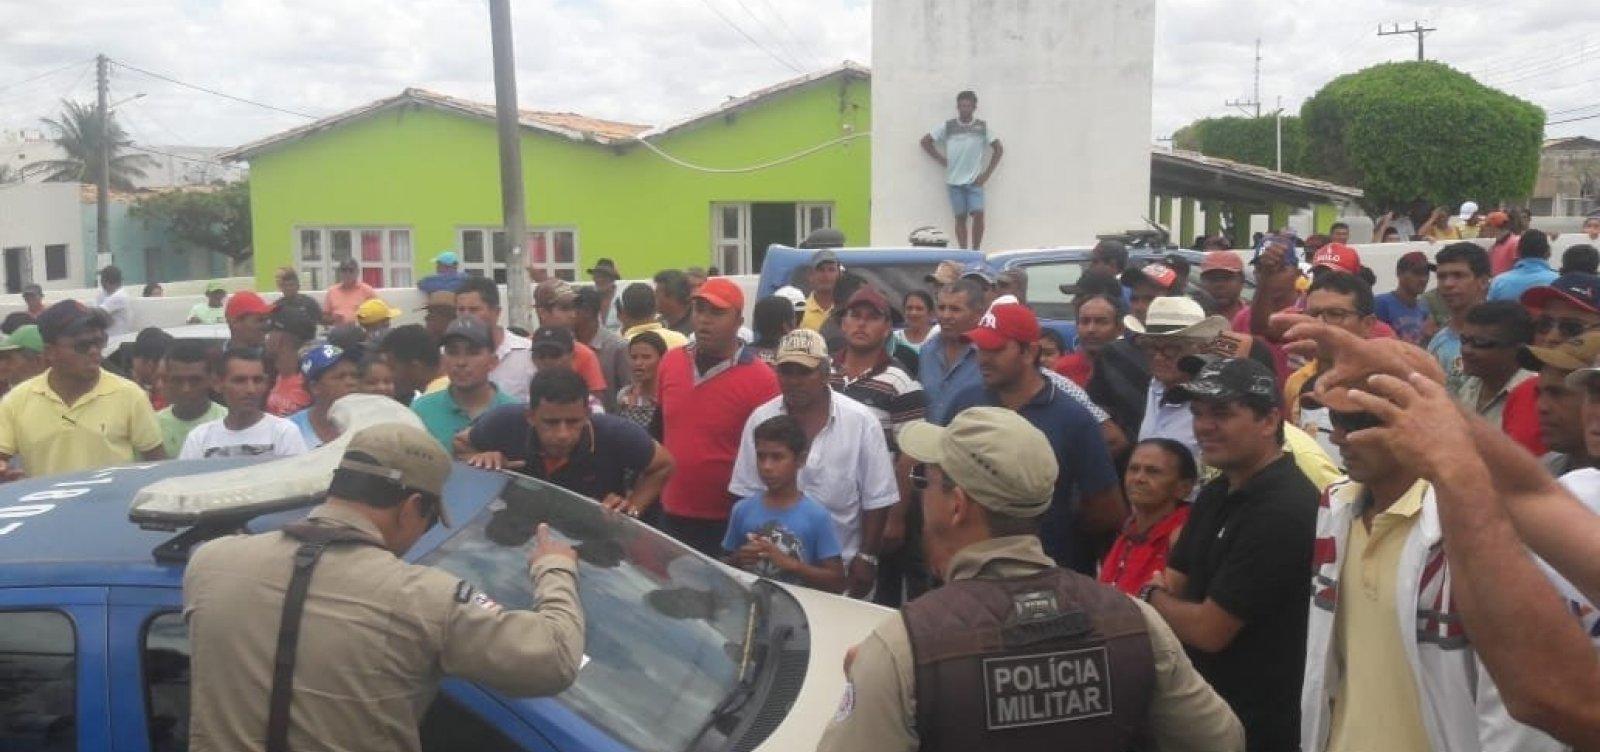 Candidatos são presos por crime eleitoral no interior do estado